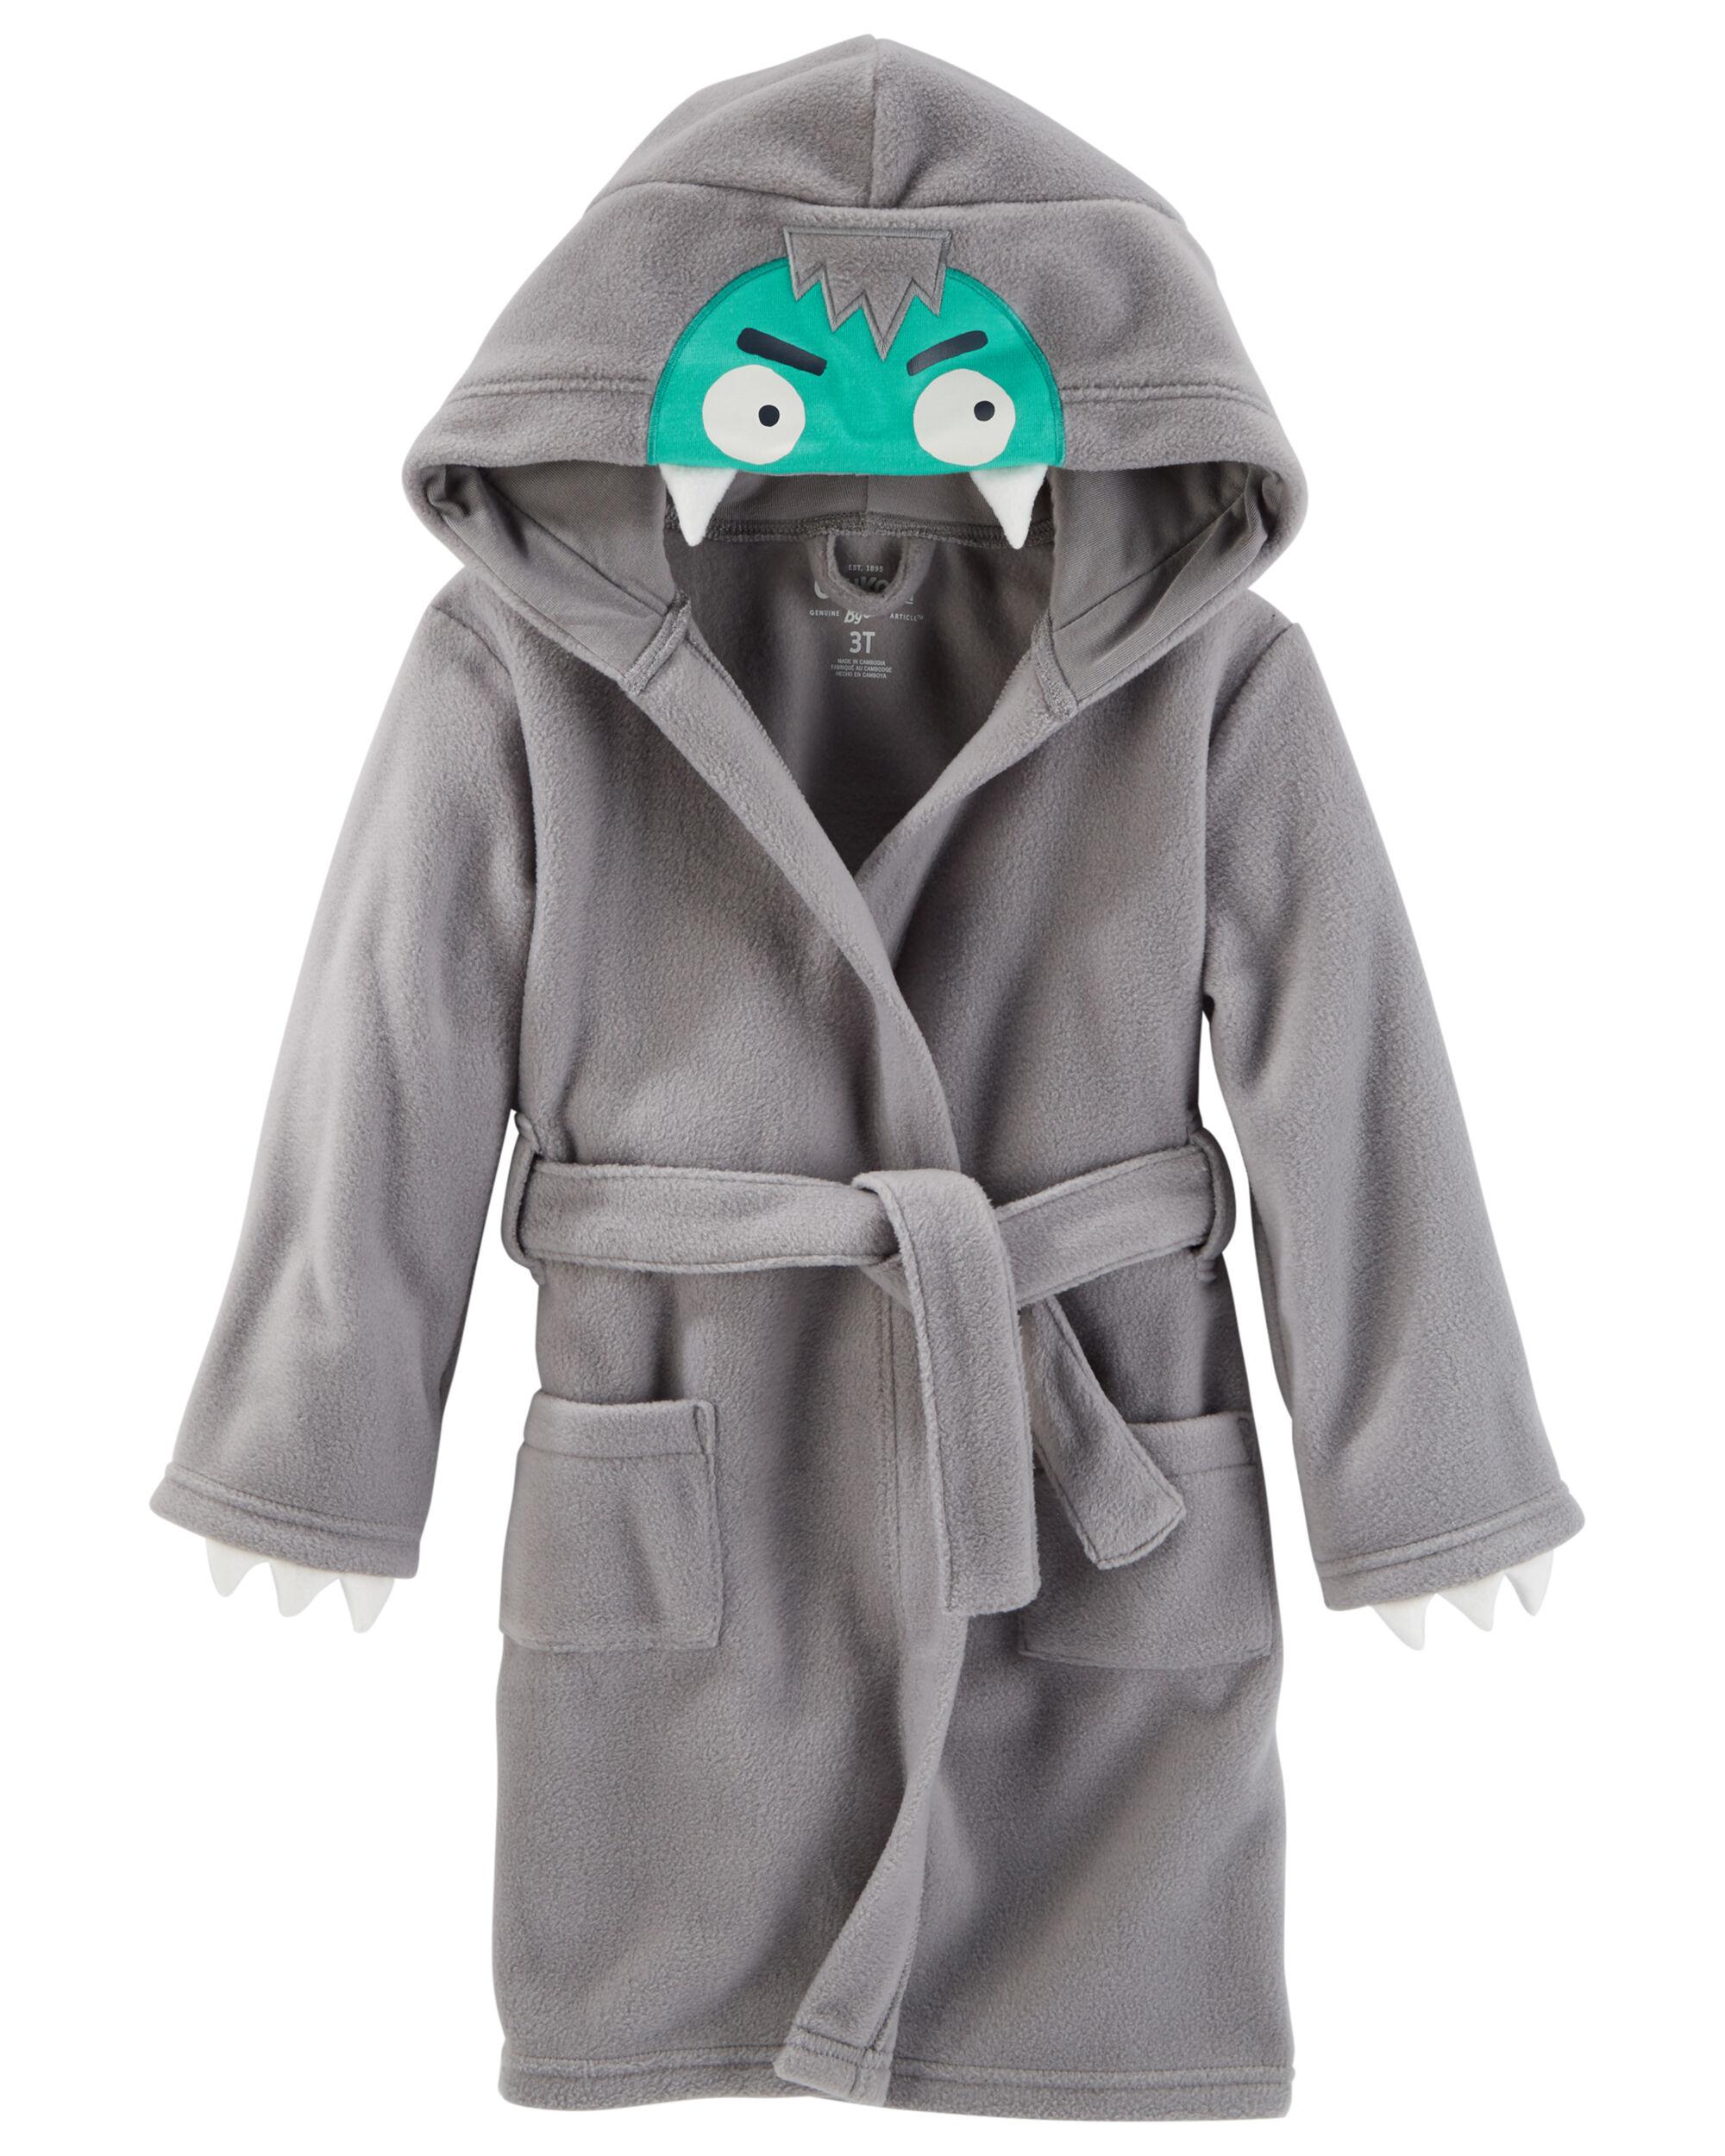 Polar Fleece Monster Robe Oshkosh Com